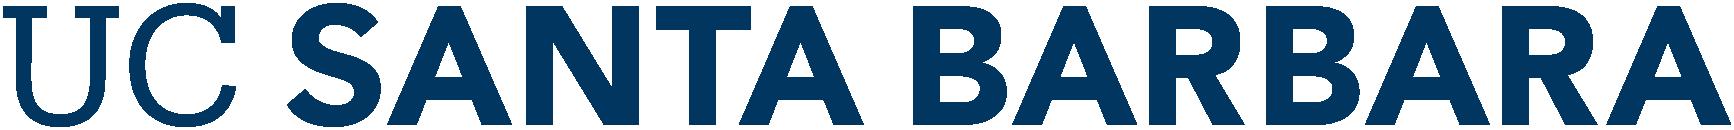 UC Santa Barbara Primary Wordmark in navy